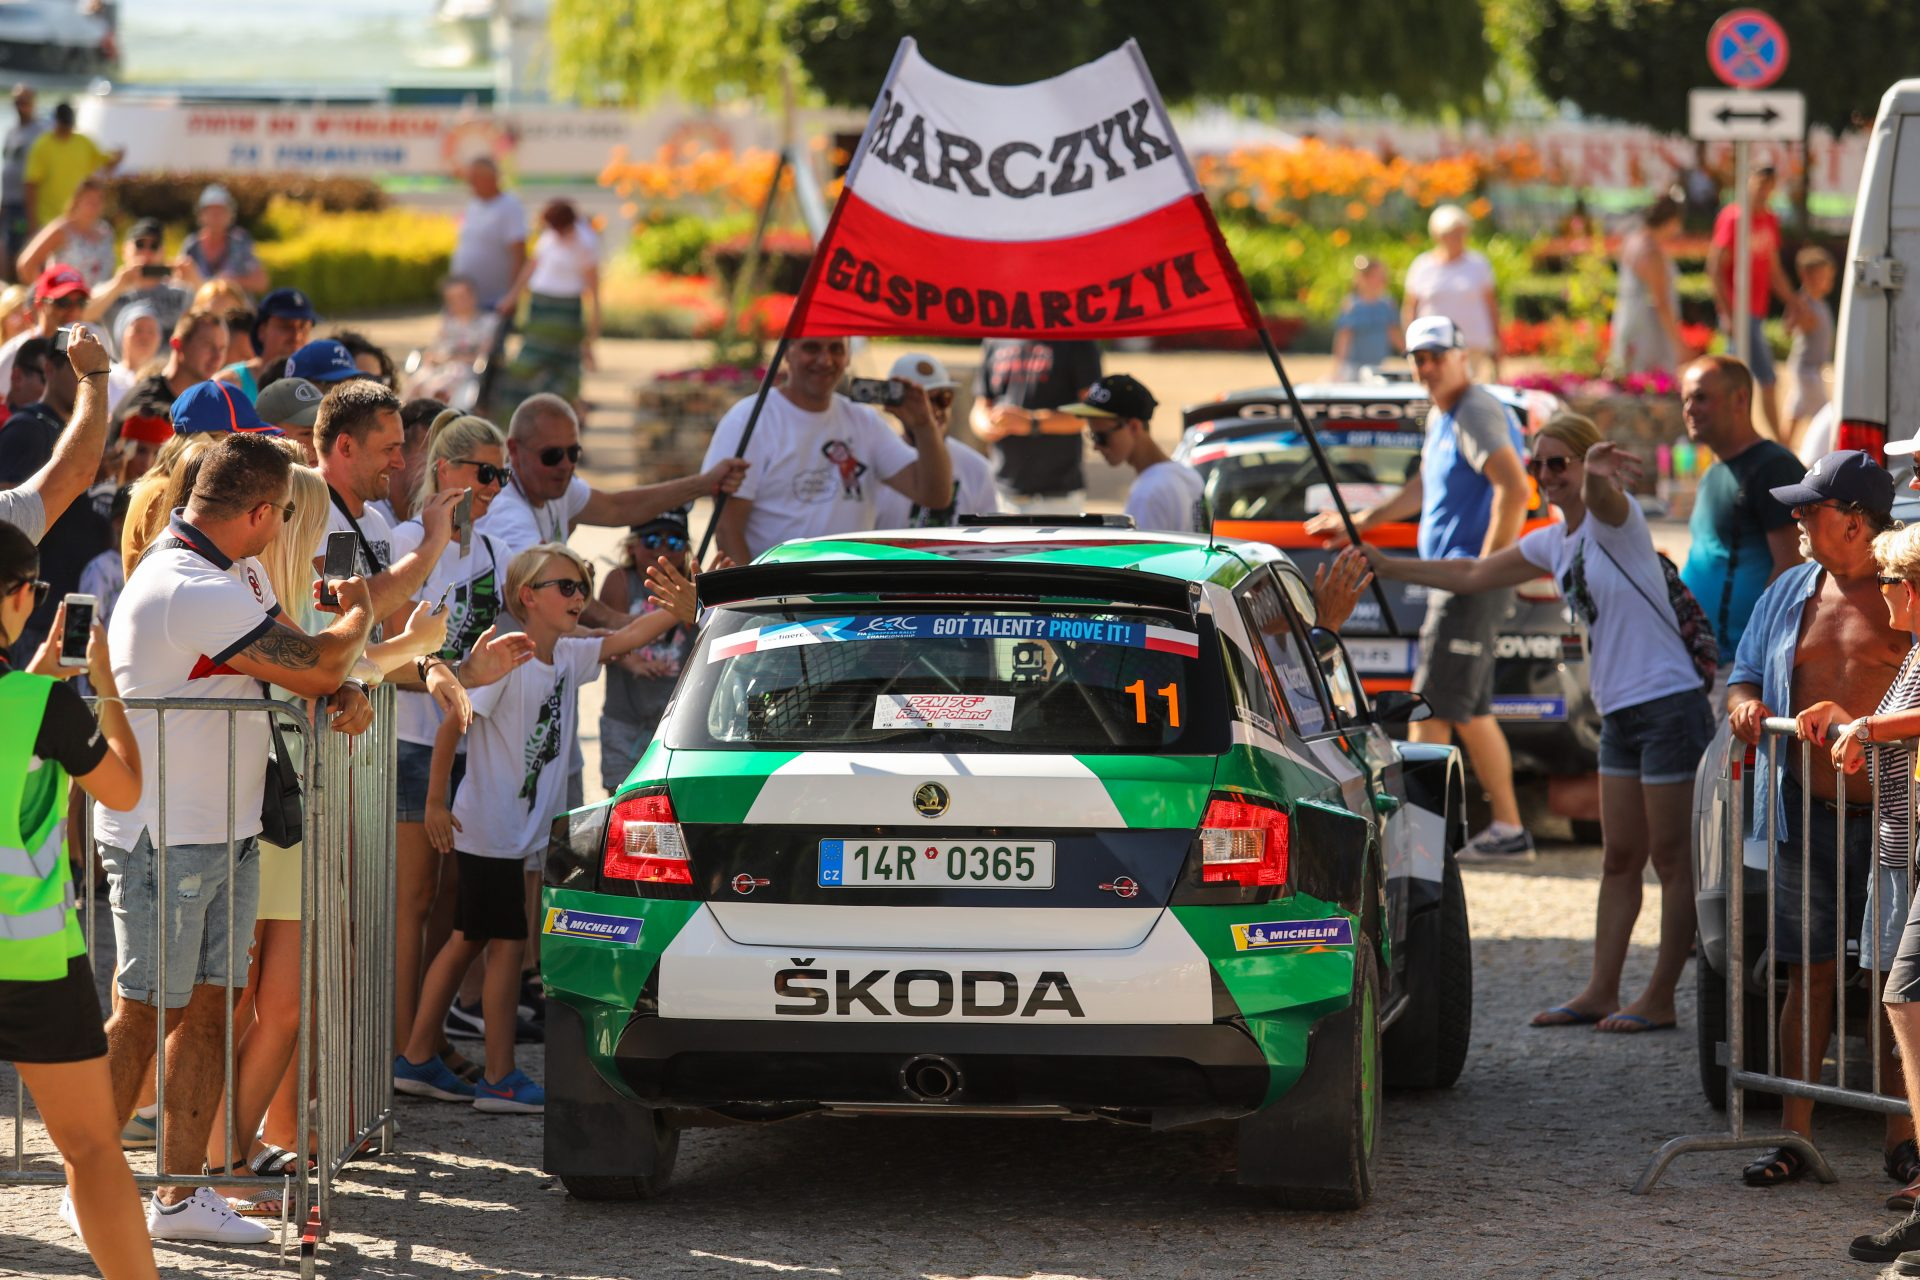 Podium Mistrzostw Europy klasyfikacji juniorskiej dla załogi ŠKODA Polska Motorsport